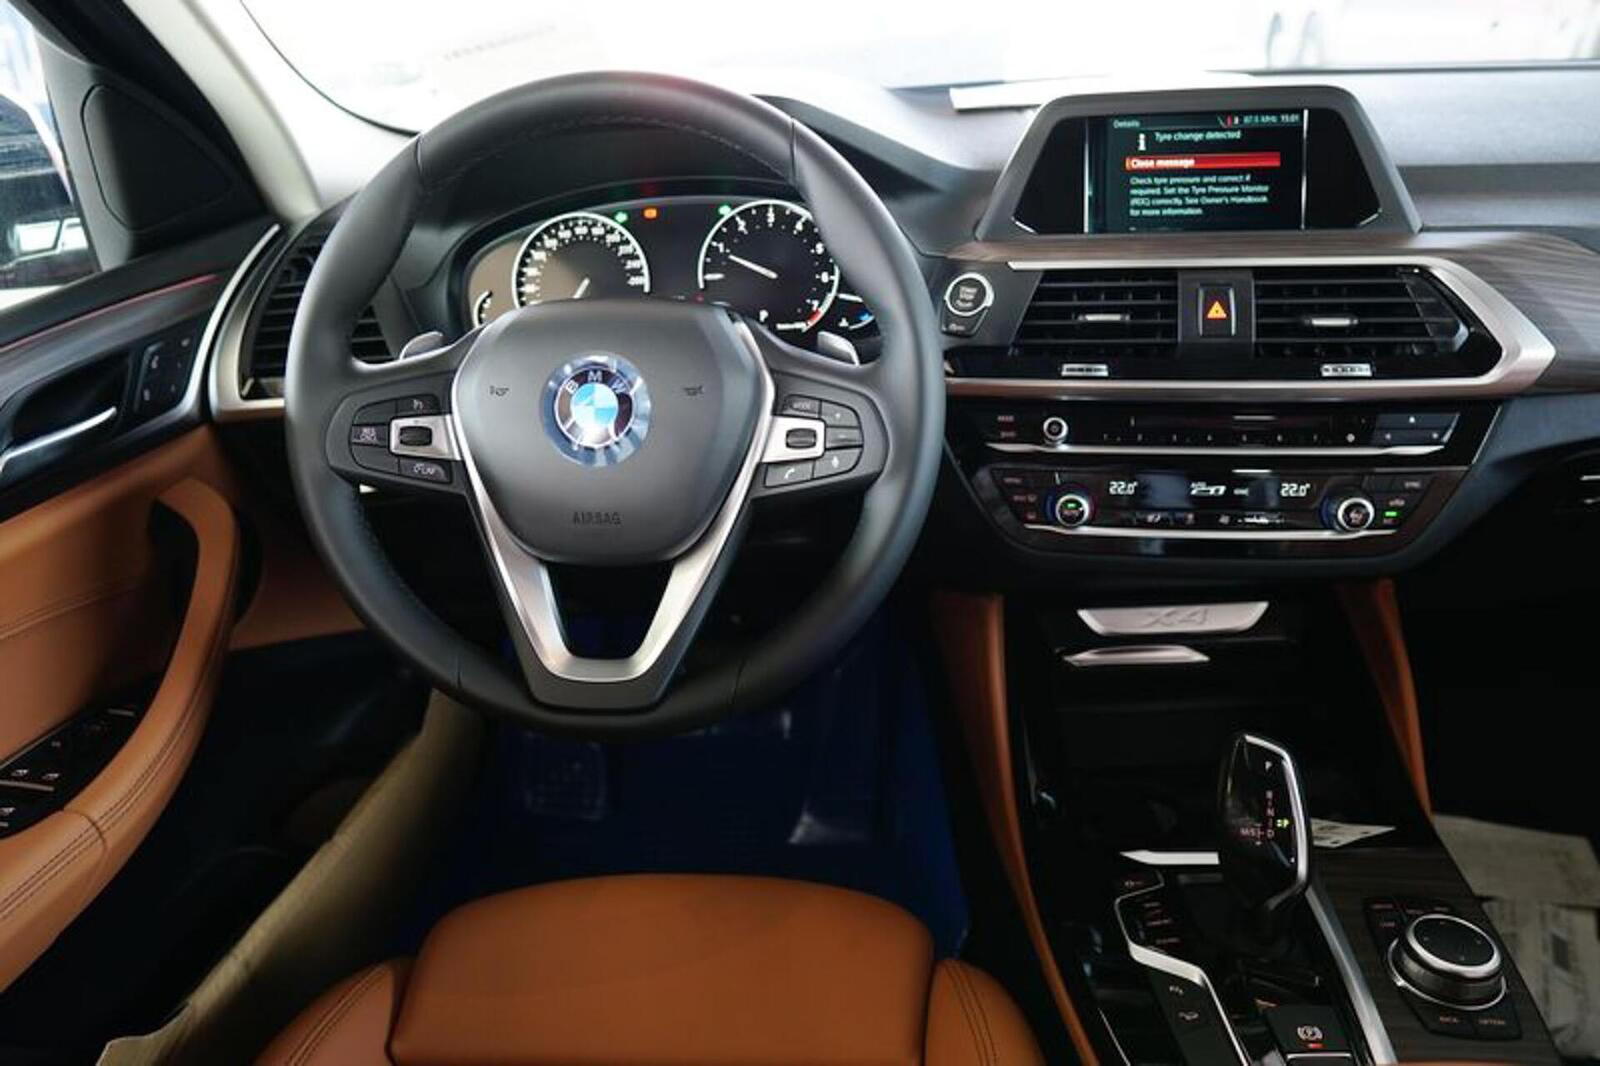 THACO đưa BMW X4 thế hệ mới về cảng; sắp sửa ra mắt; mời các bác dự đoán giá bán - Hình 7